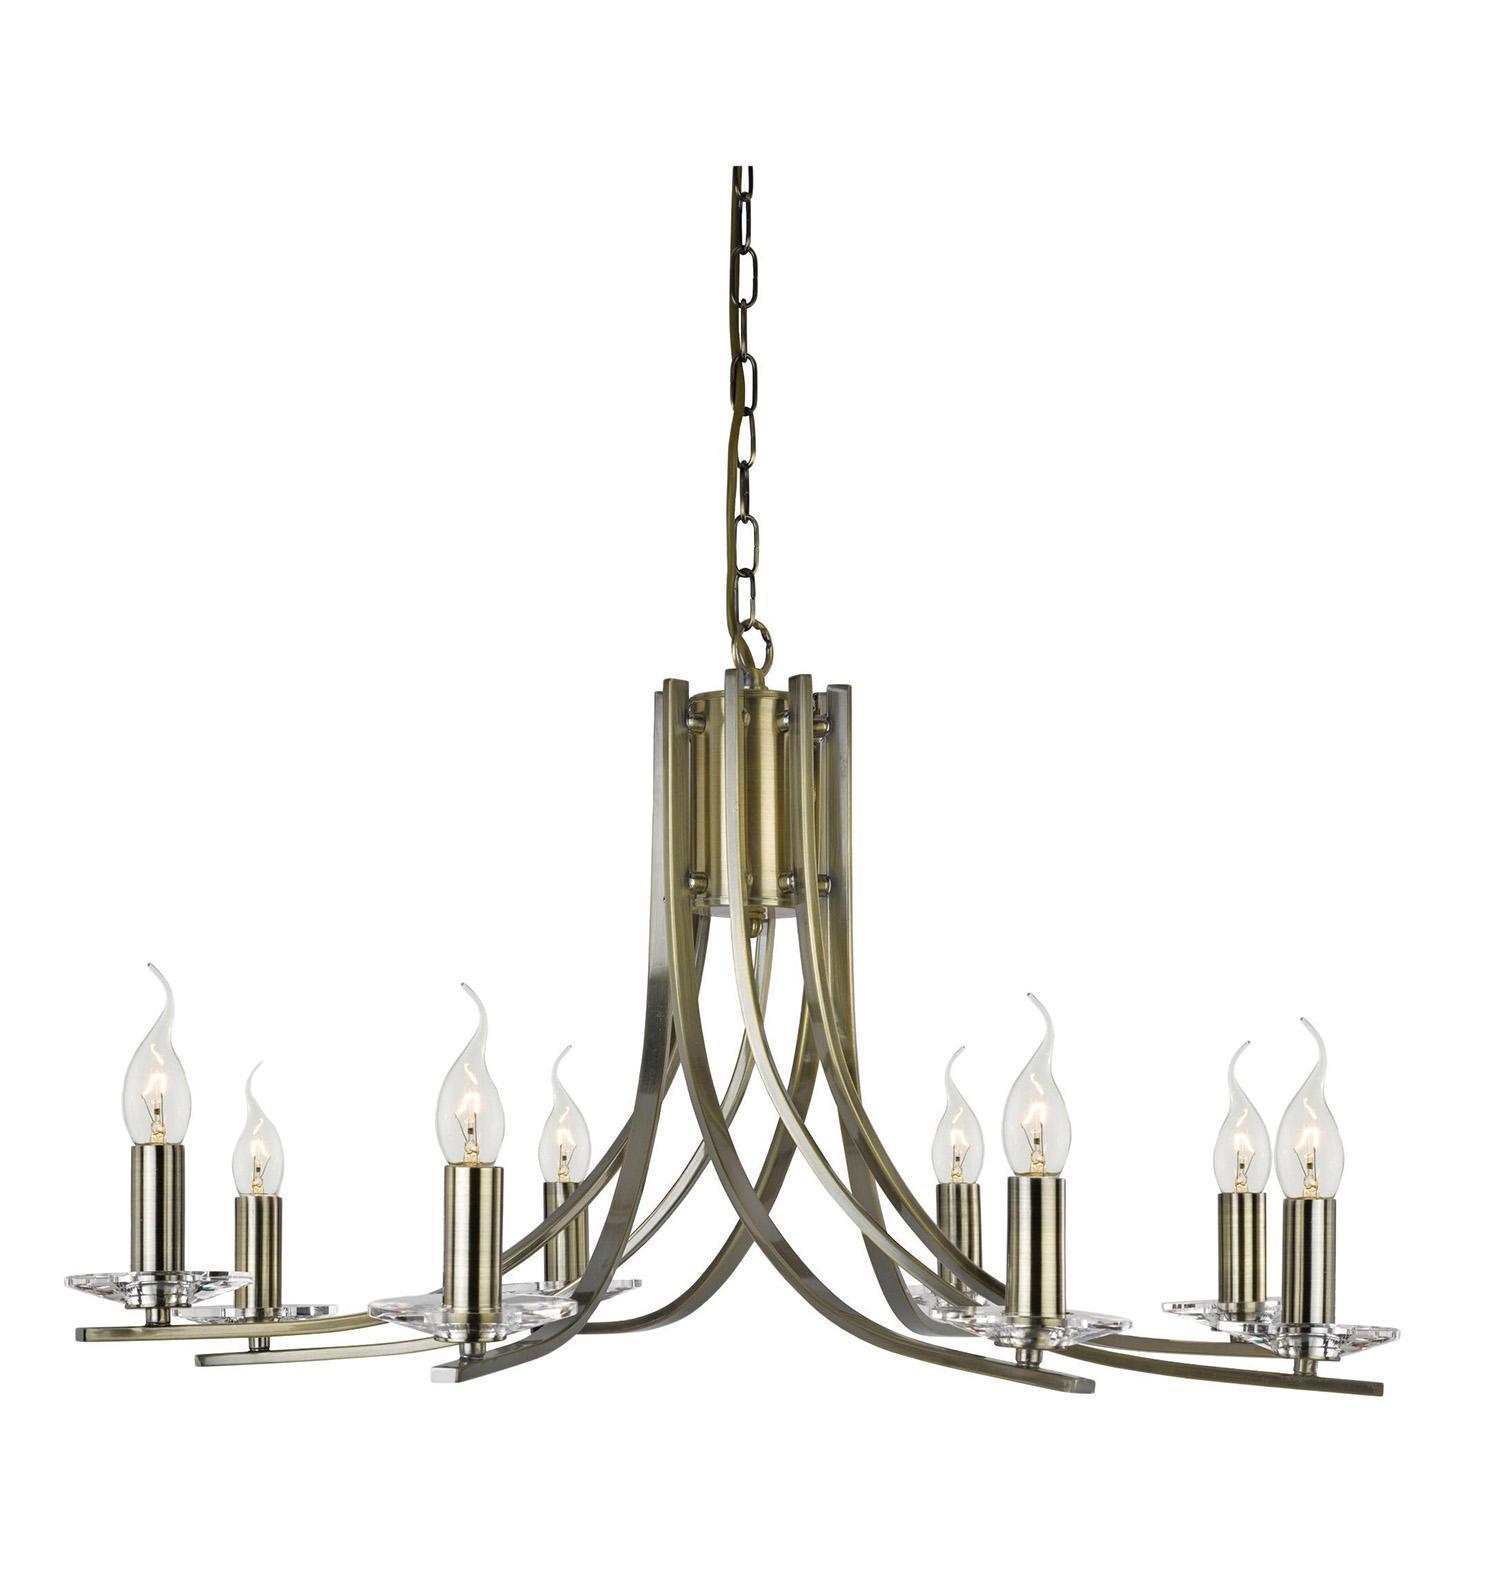 Люстра Arte lampЛюстры<br>Назначение светильника: для гостиной,<br>Стиль светильника: модерн,<br>Тип: подвесная,<br>Материал светильника: металл,<br>Материал арматуры: металл,<br>Диаметр: 750,<br>Высота: 420,<br>Количество ламп: 8,<br>Тип лампы: накаливания,<br>Мощность: 480,<br>Патрон: Е14,<br>Цвет арматуры: бронза<br>